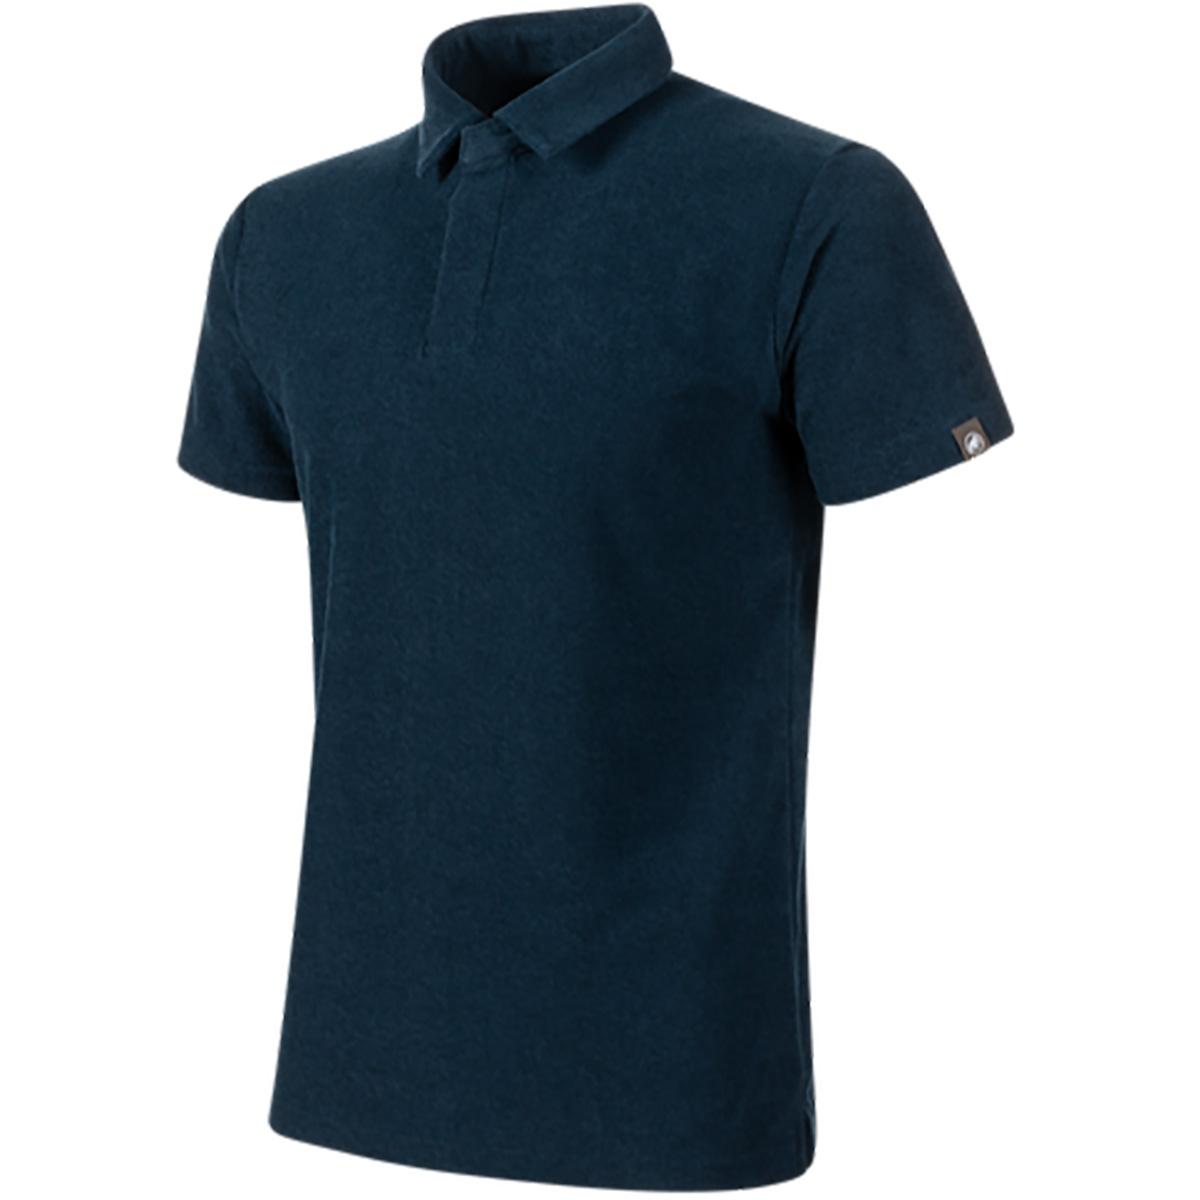 Frottee 半袖ポロシャツ